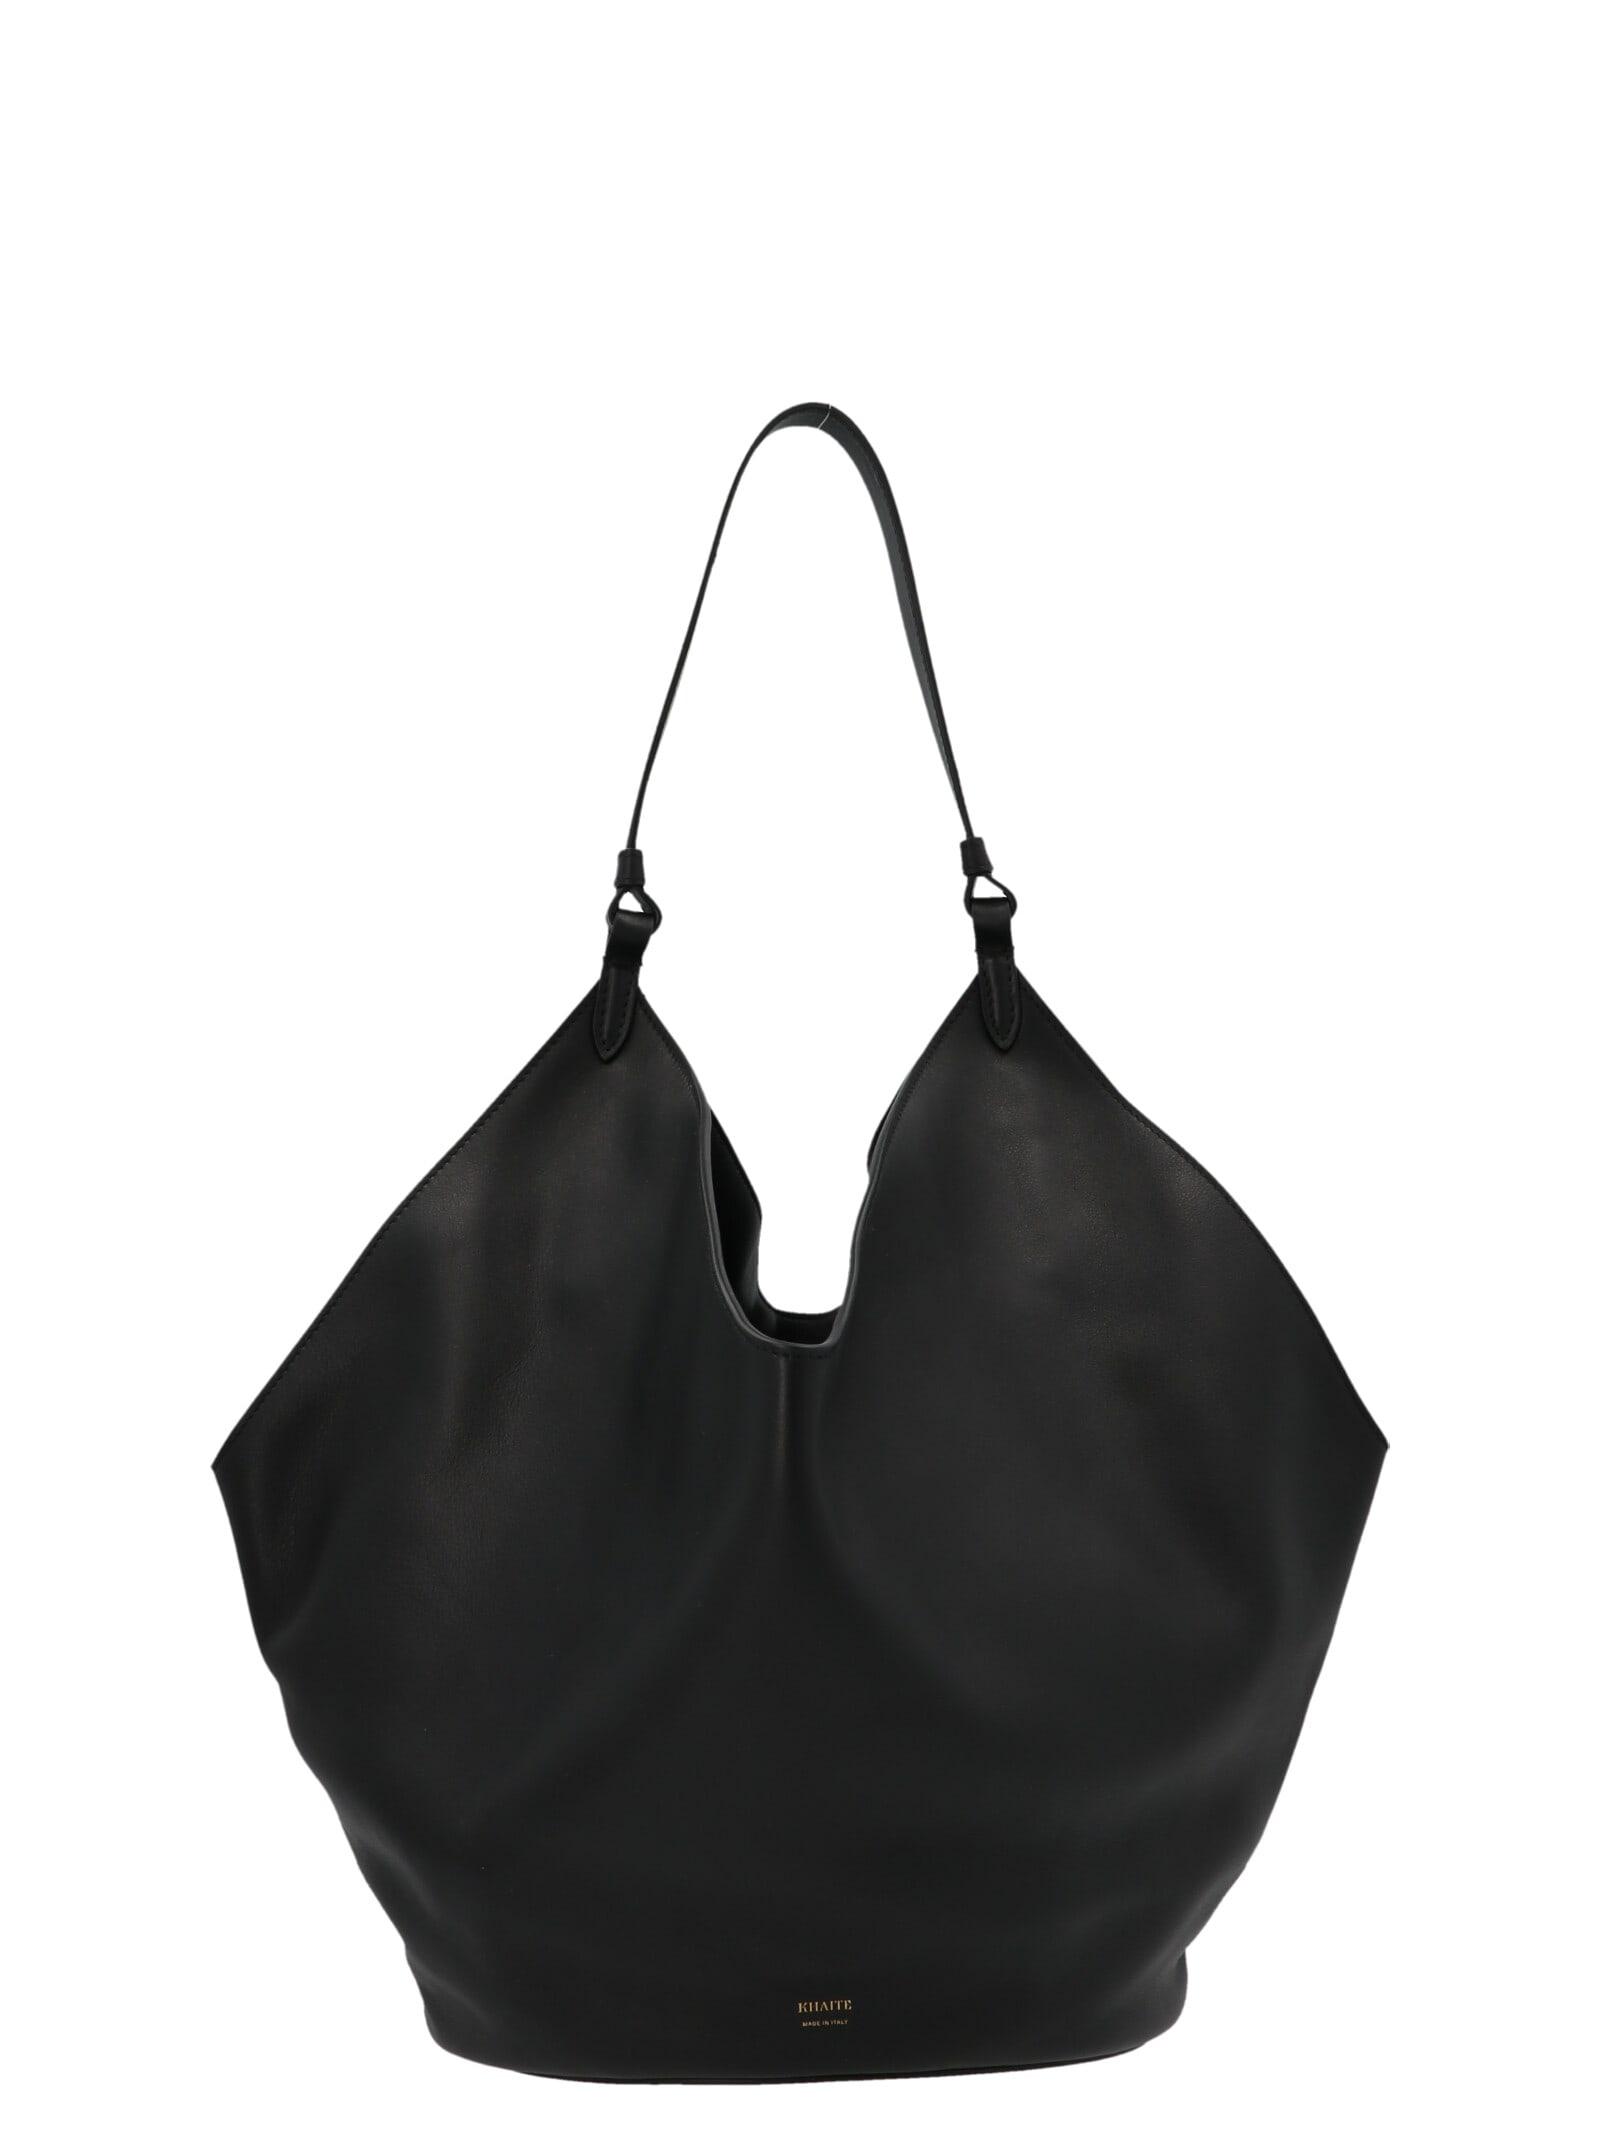 Khaite lotus Medium Hand Bag